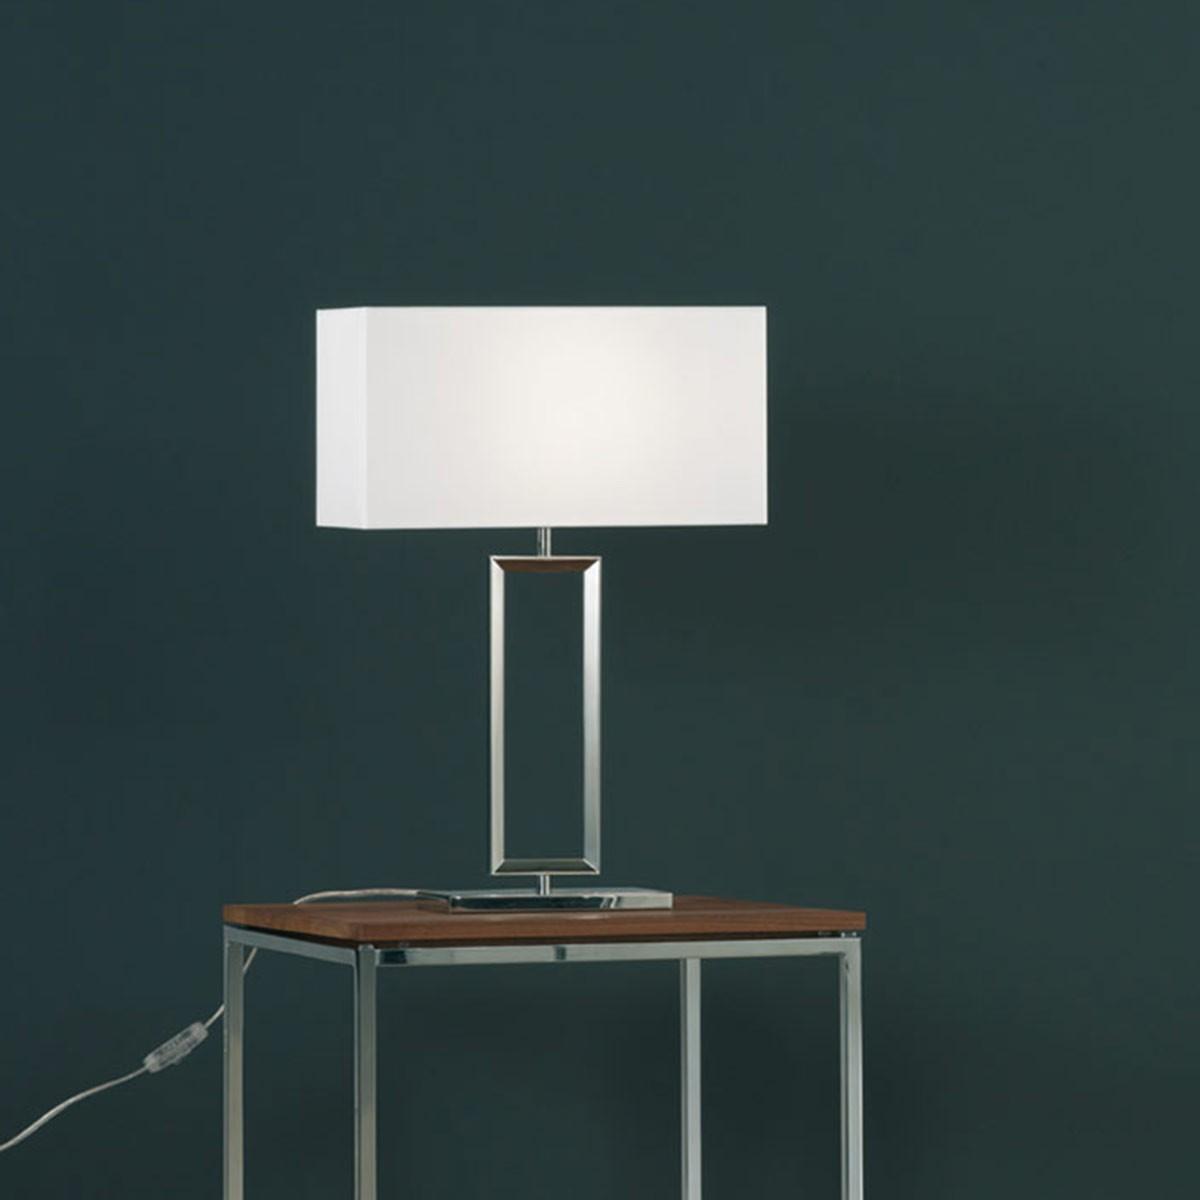 Helestra Enna 2 Tischleuchte, Höhe: 53 cm, Chintz weiß / Nickel blank